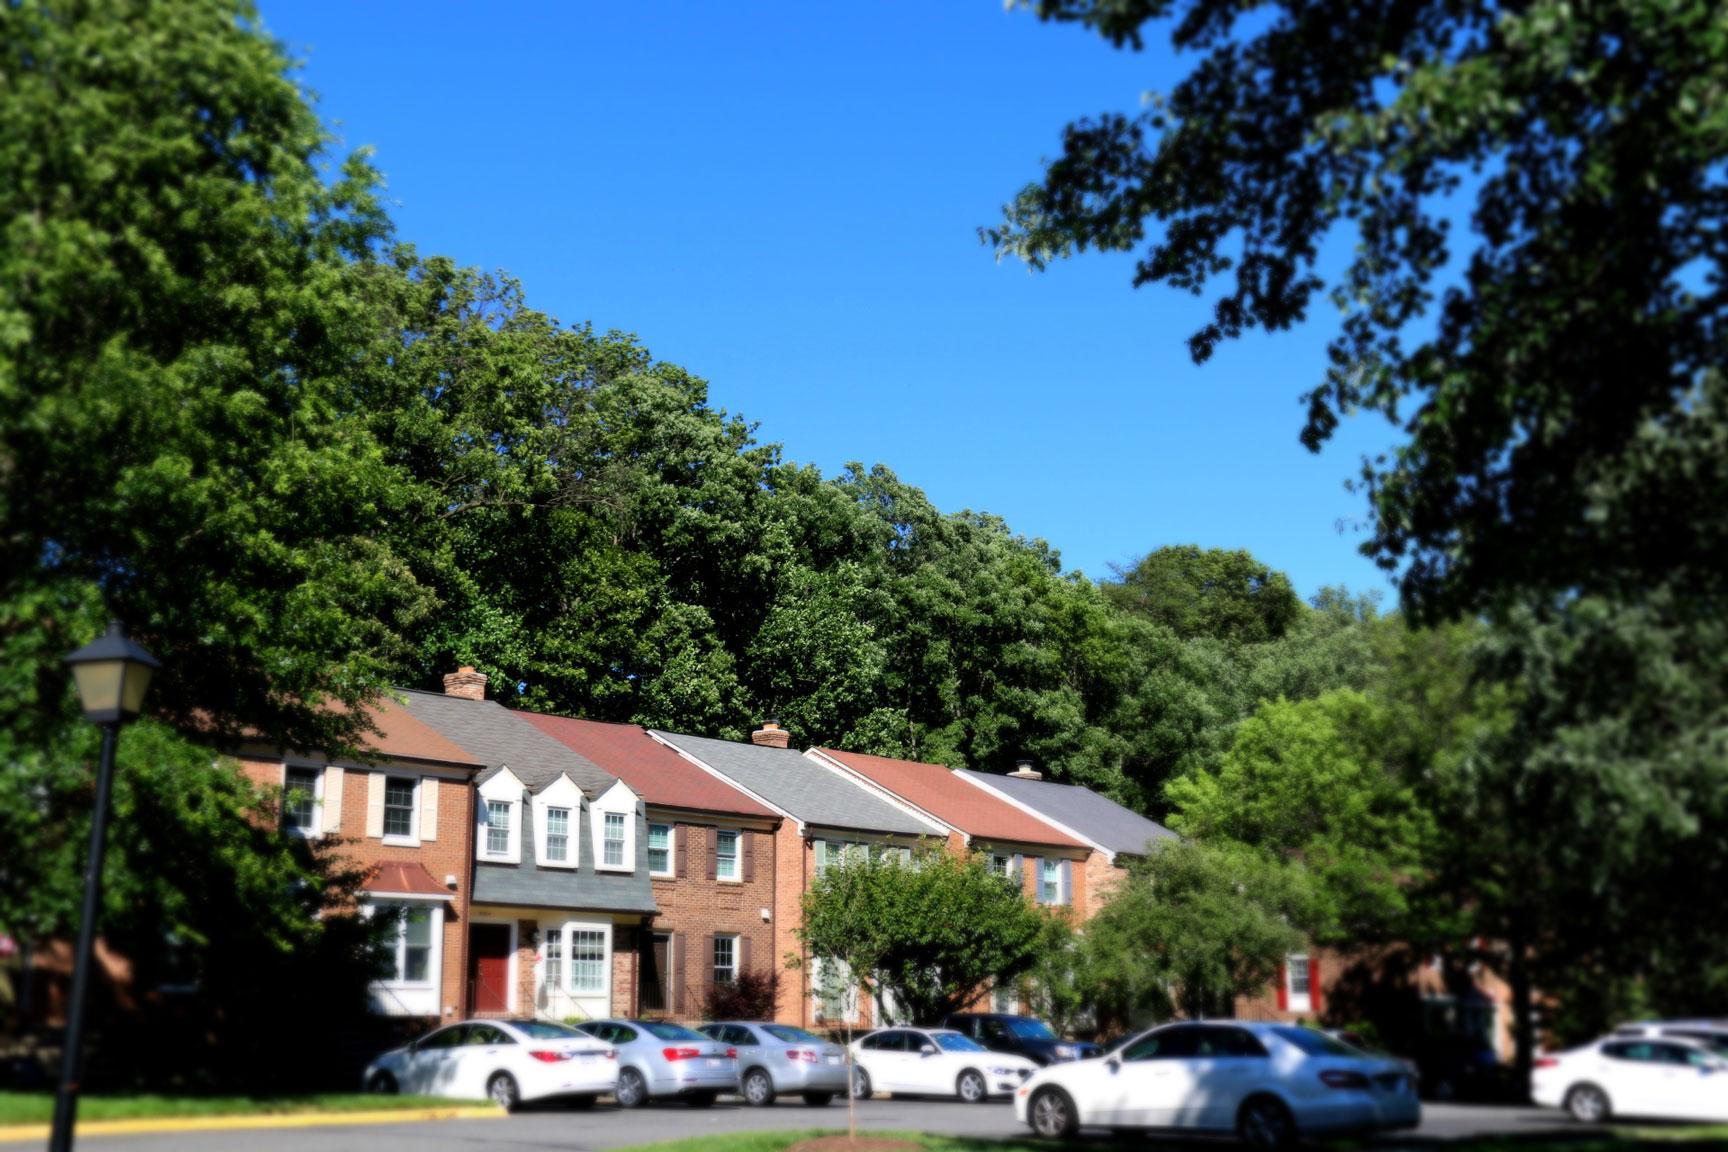 image of the neighborhood